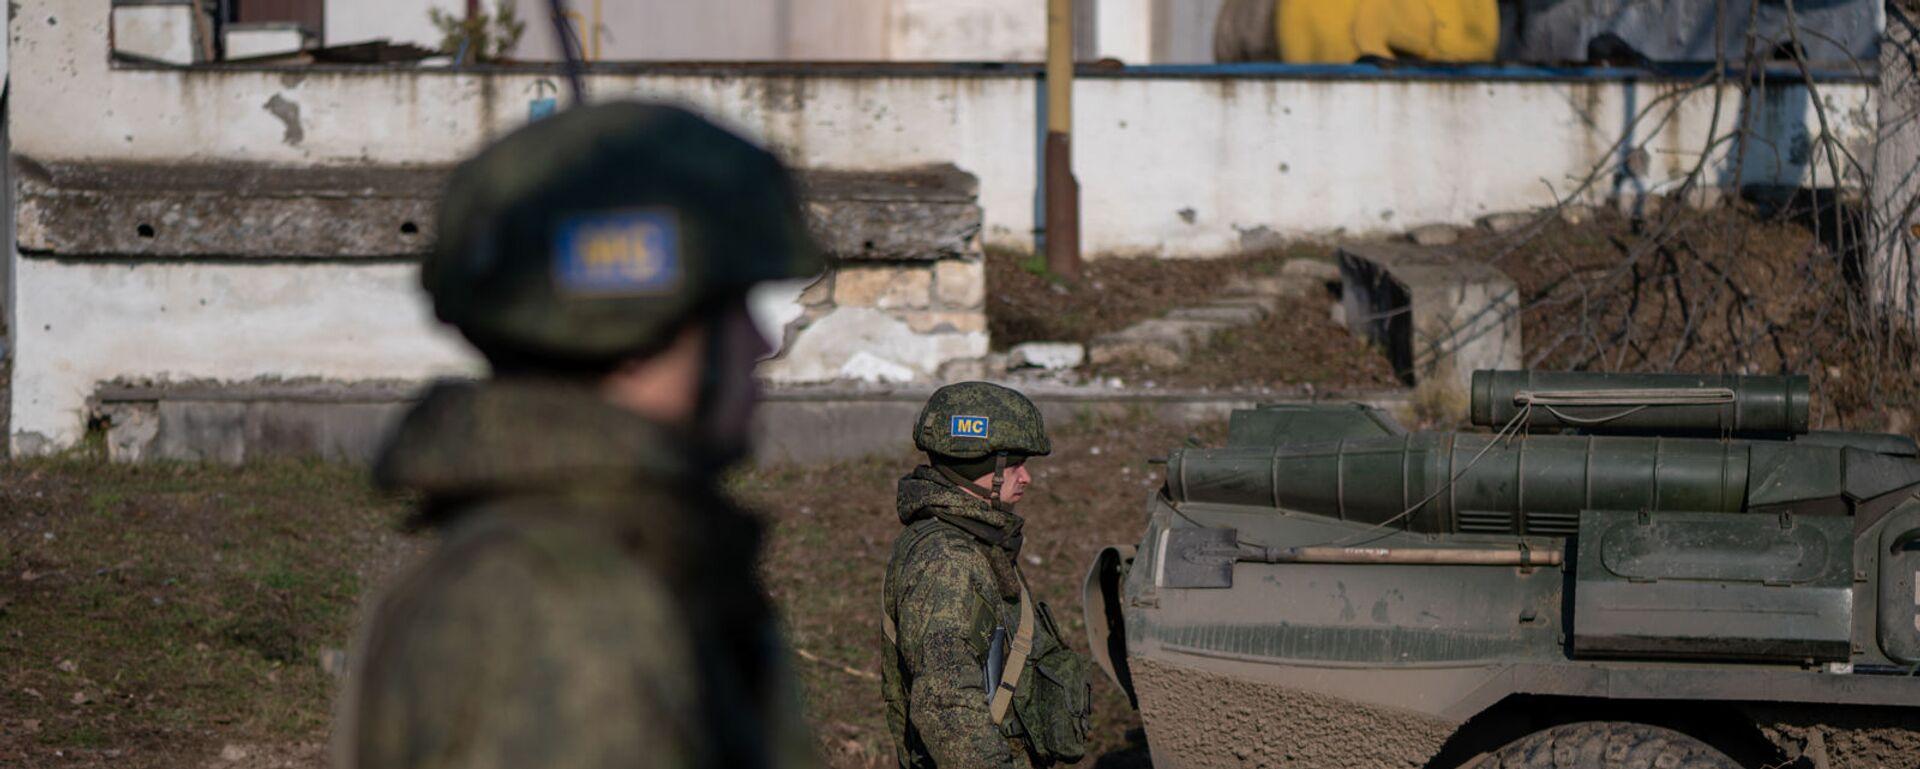 Блокпост российских миротворческих сил в Лачинском коридоре (17 ноября 2020). Карабах - Sputnik Արմենիա, 1920, 12.08.2021